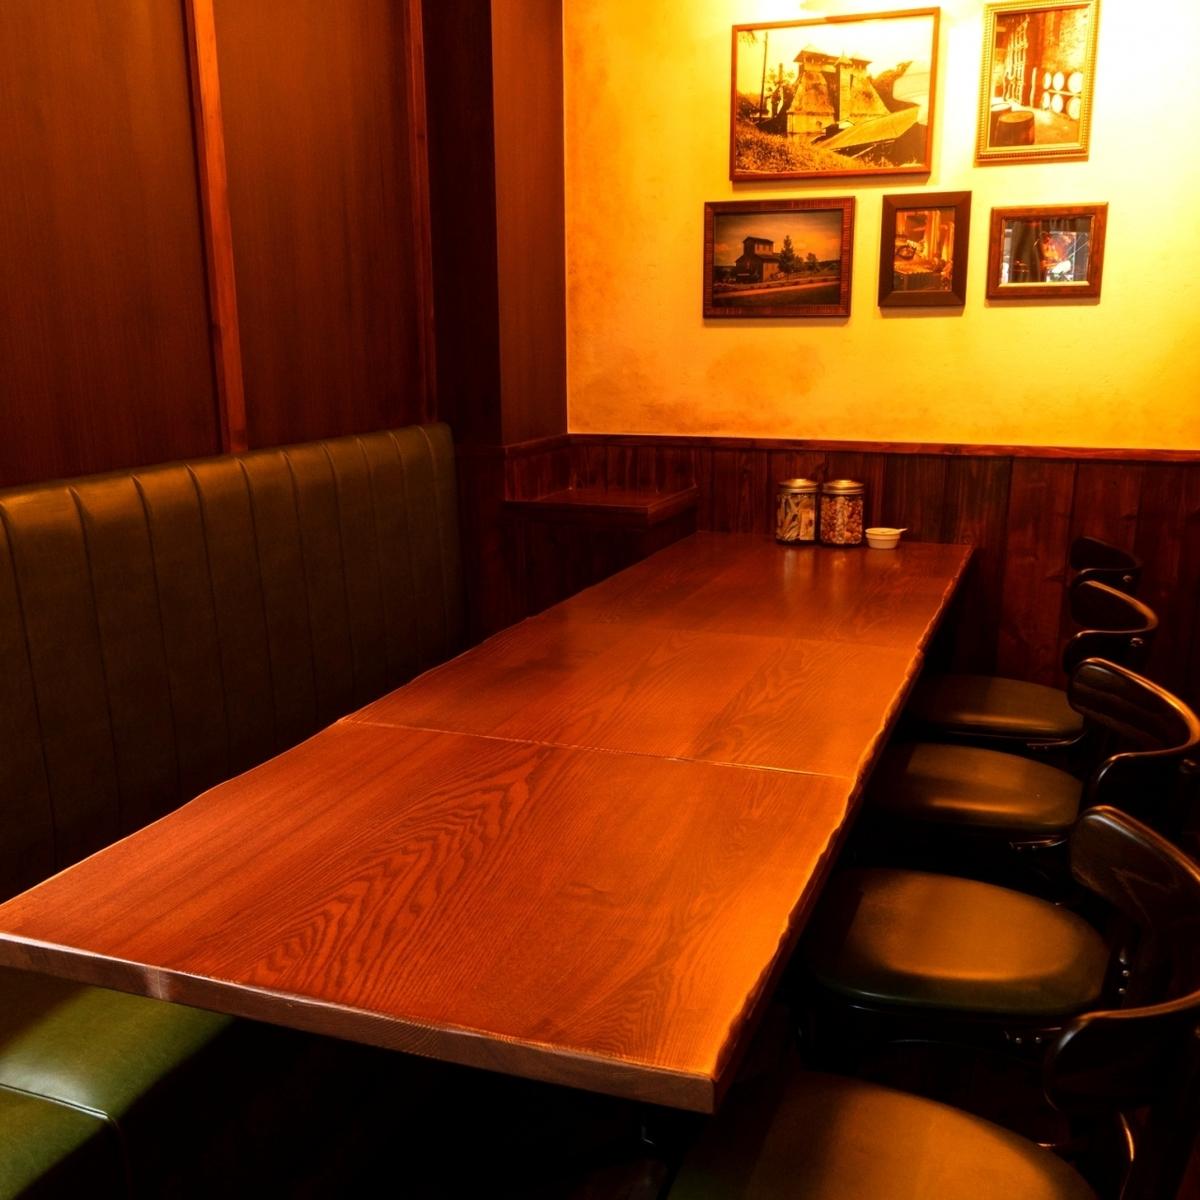 一個桌椅,當你想在朋友喝酒時很容易使用。還有一個可容納3至4人的長椅。